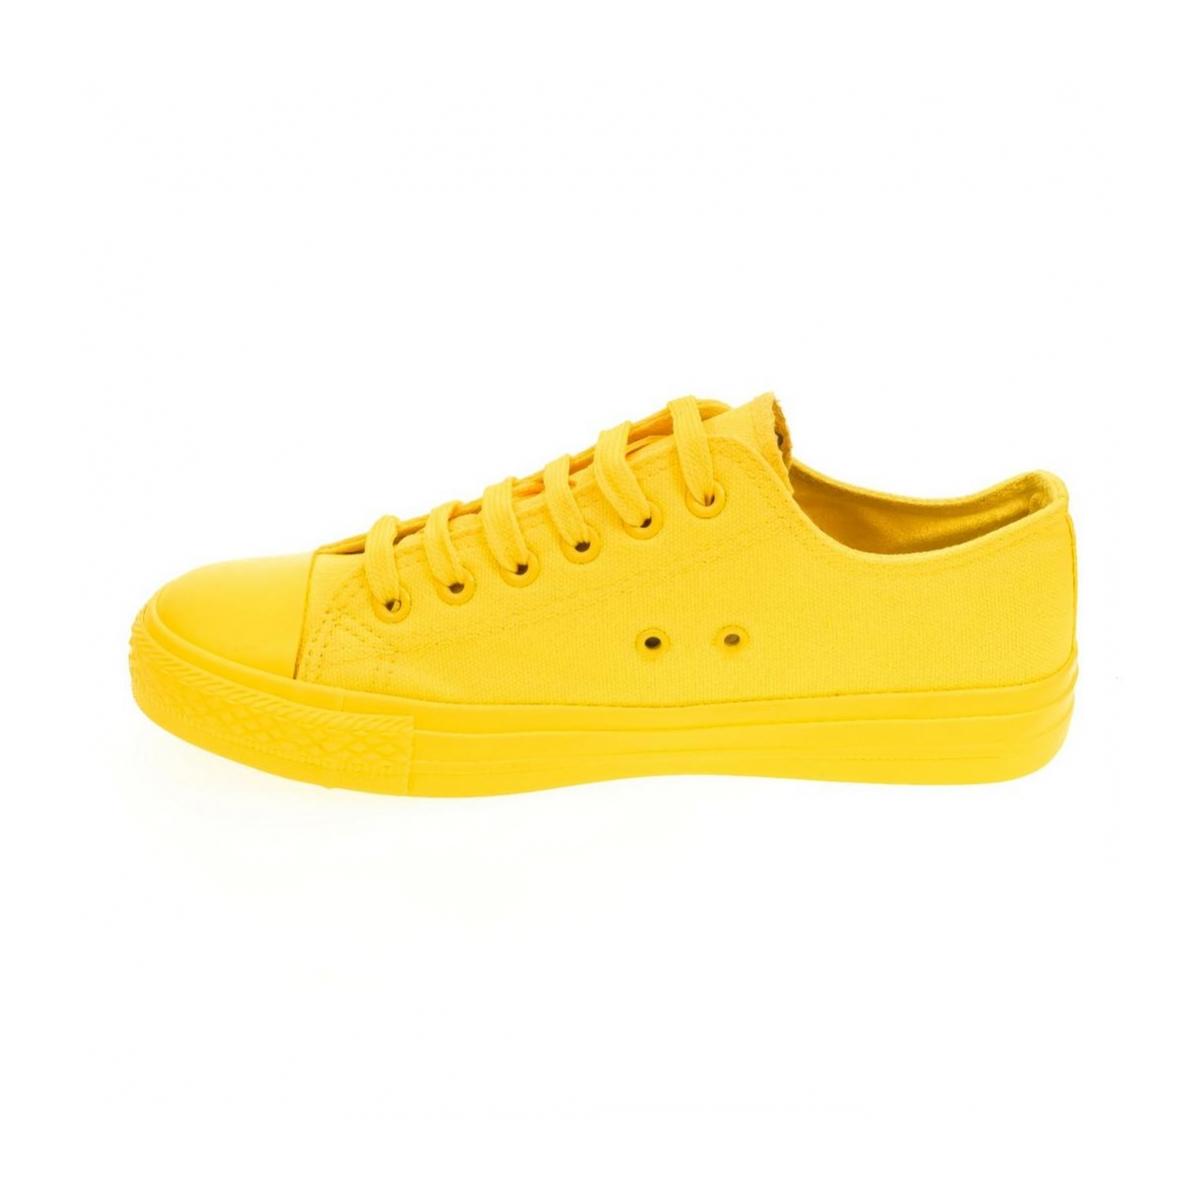 2de3e2d929c7 Dámske žlté tenisky REINA - 5